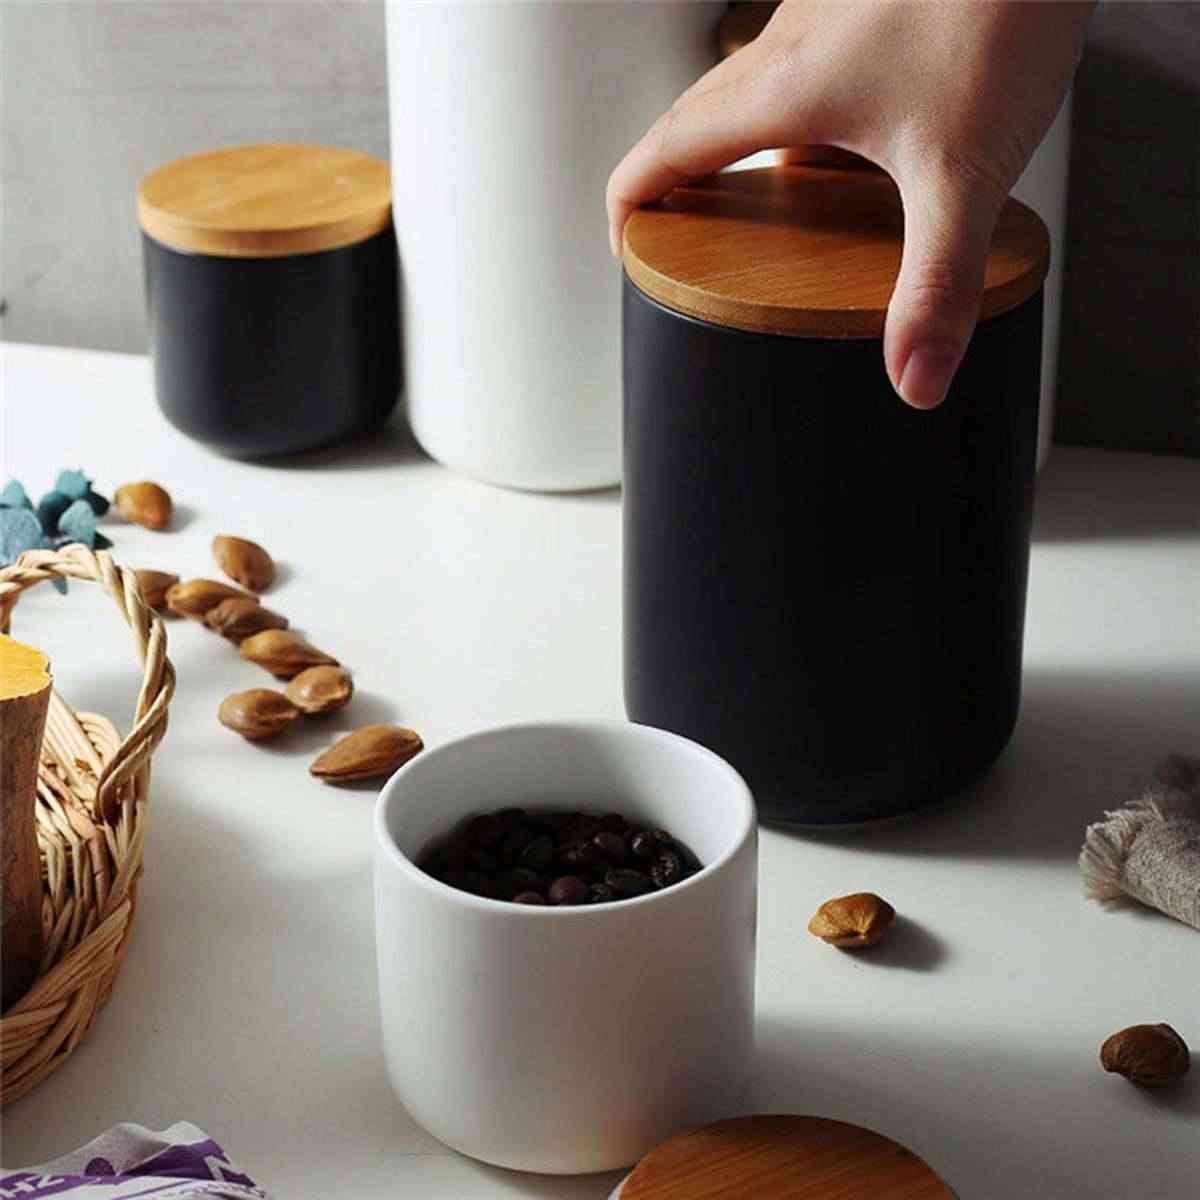 260 مللي/800 مللي مختومة جرة تخزين من السيراميك ل التوابل خزان Containter ل الأكل مع غطاء القهوة الشاي القهوة السكر المطبخ زجاجة